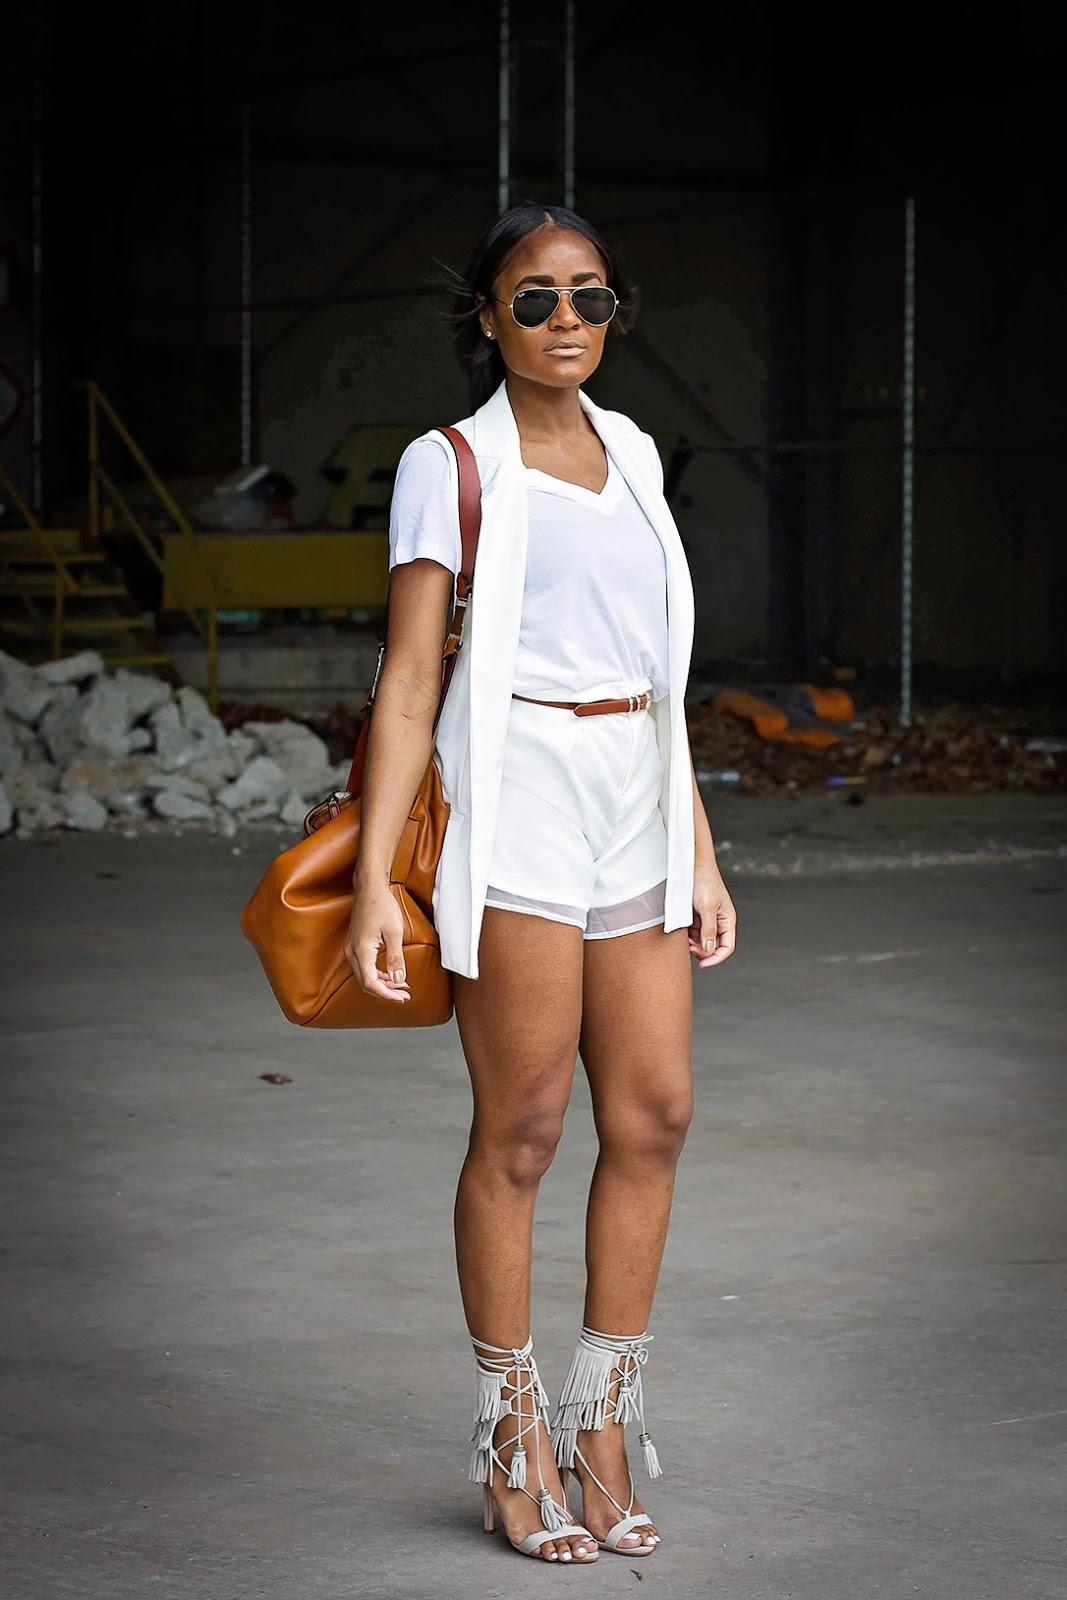 all white 70's summer style / Schutz suede fringe sandals - The Daileigh